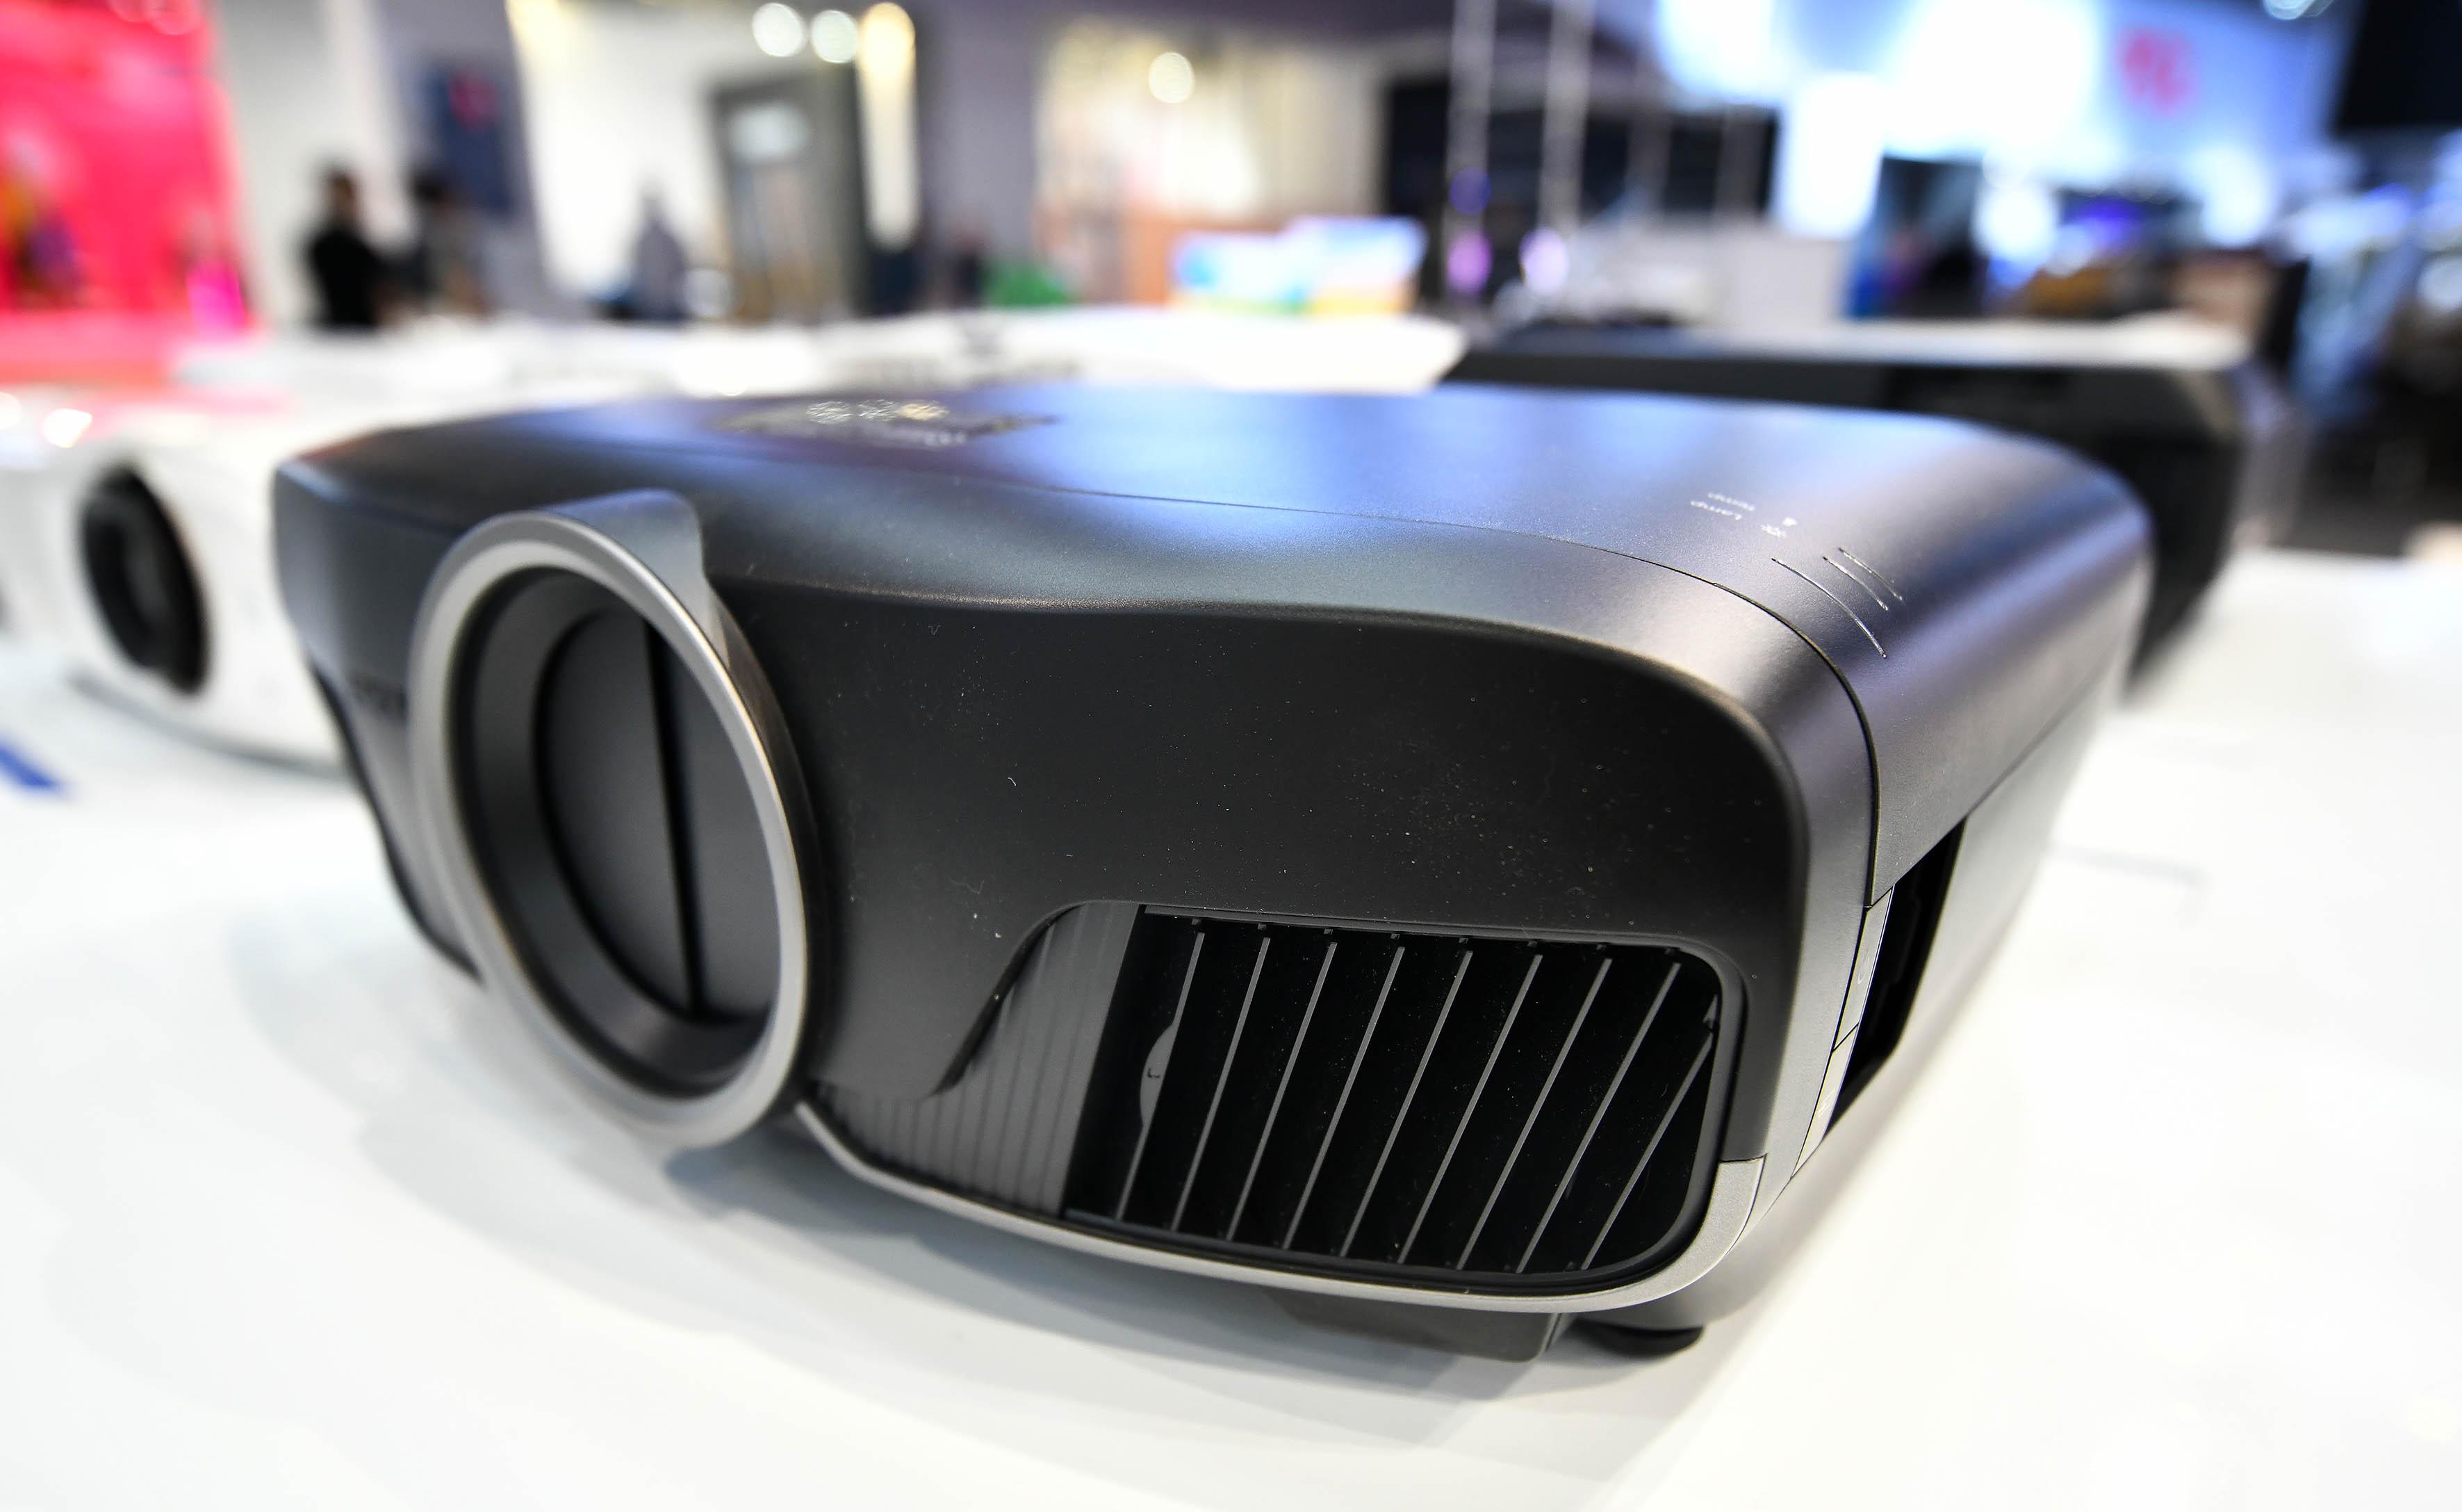 Foto: Michael B. Rehders Der Epson EH-TW9400 sieht in Schwarz richtig schick aus.